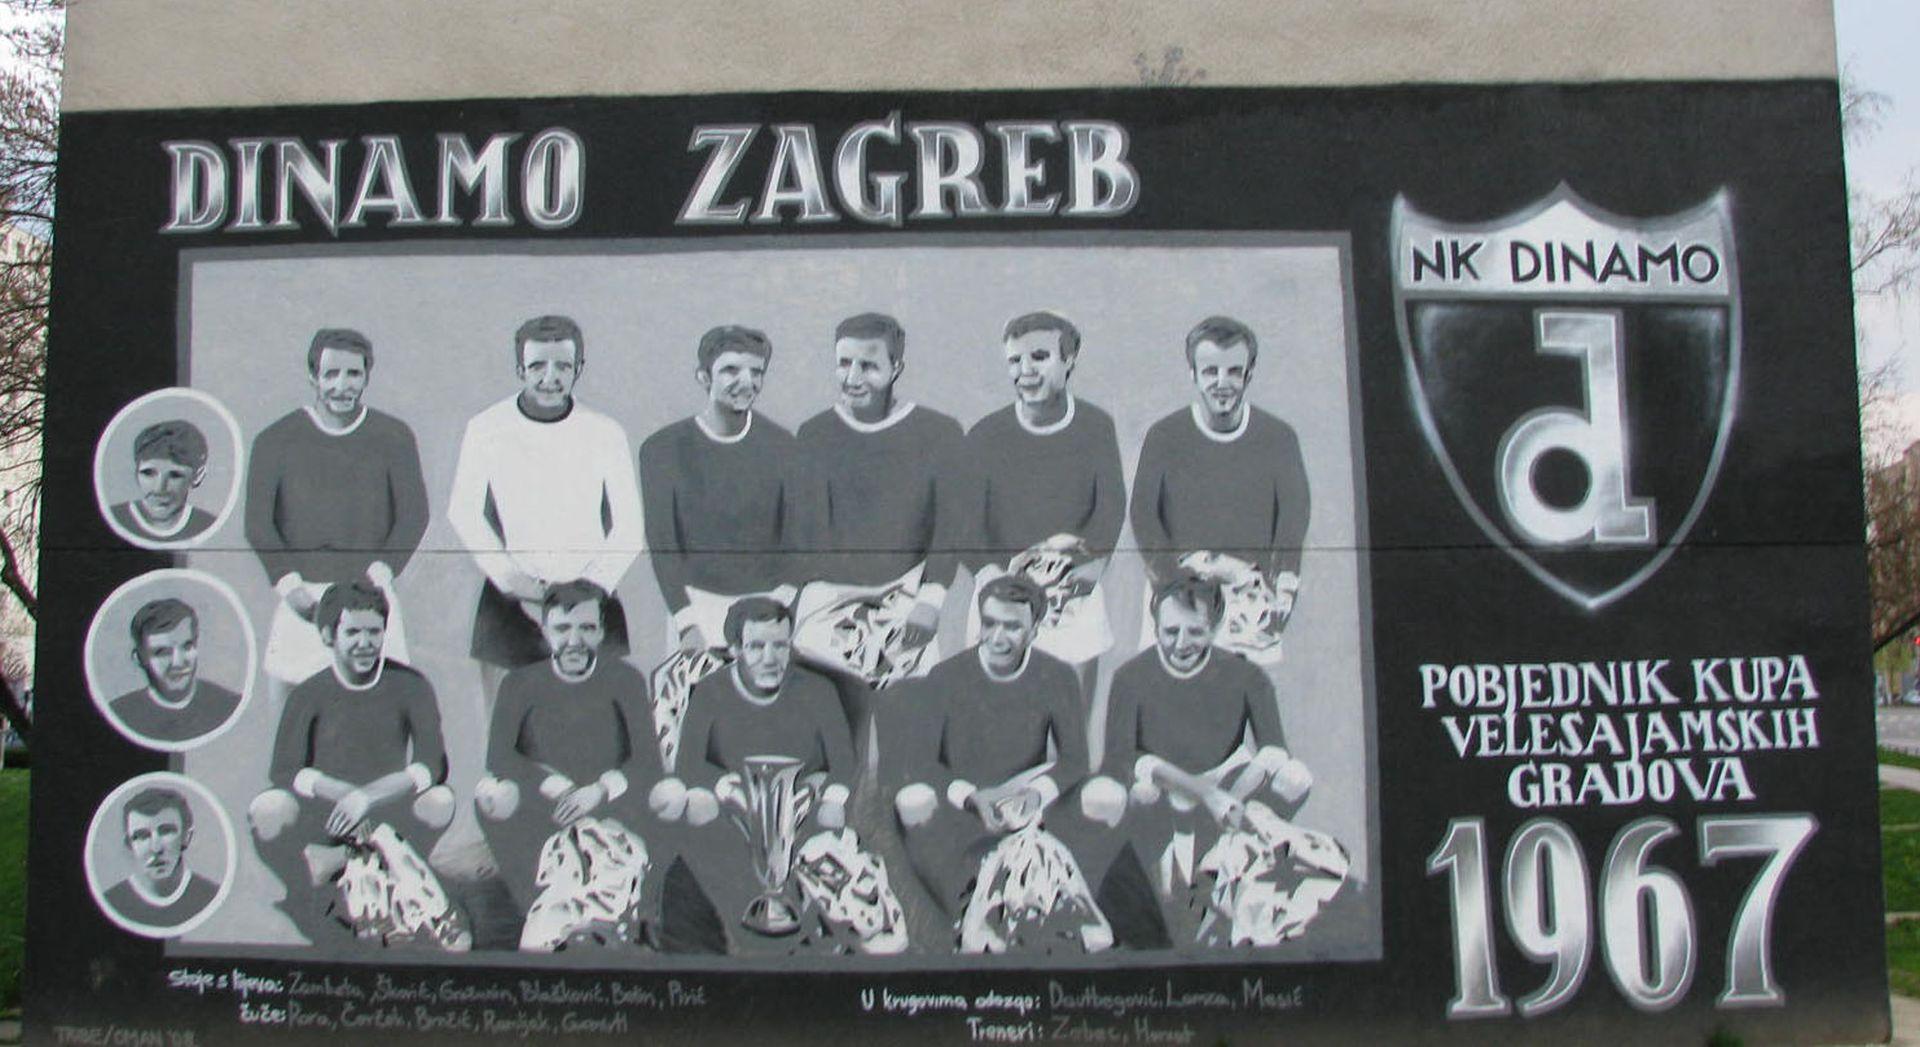 VIDEO: POLA STOLJEĆA Dinamova trofejna generacija se okupila na Jelačić placu